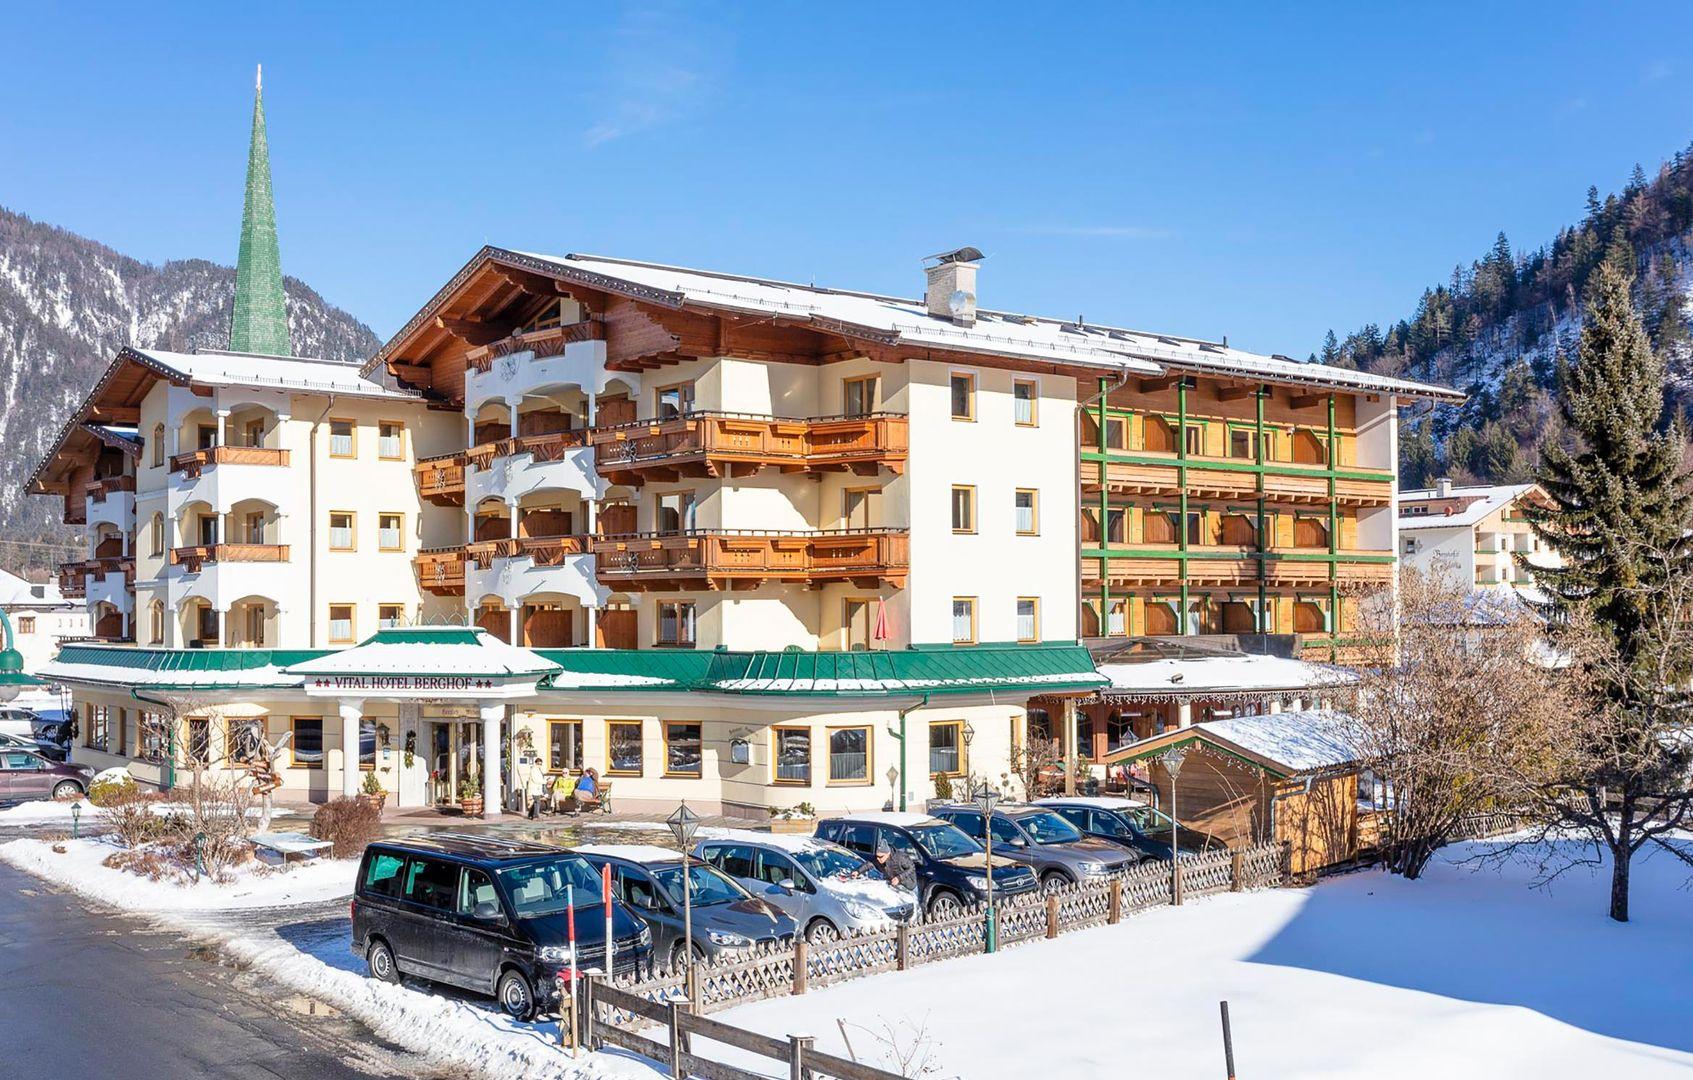 Meer info over VitalHotel Berghof  bij Wintertrex